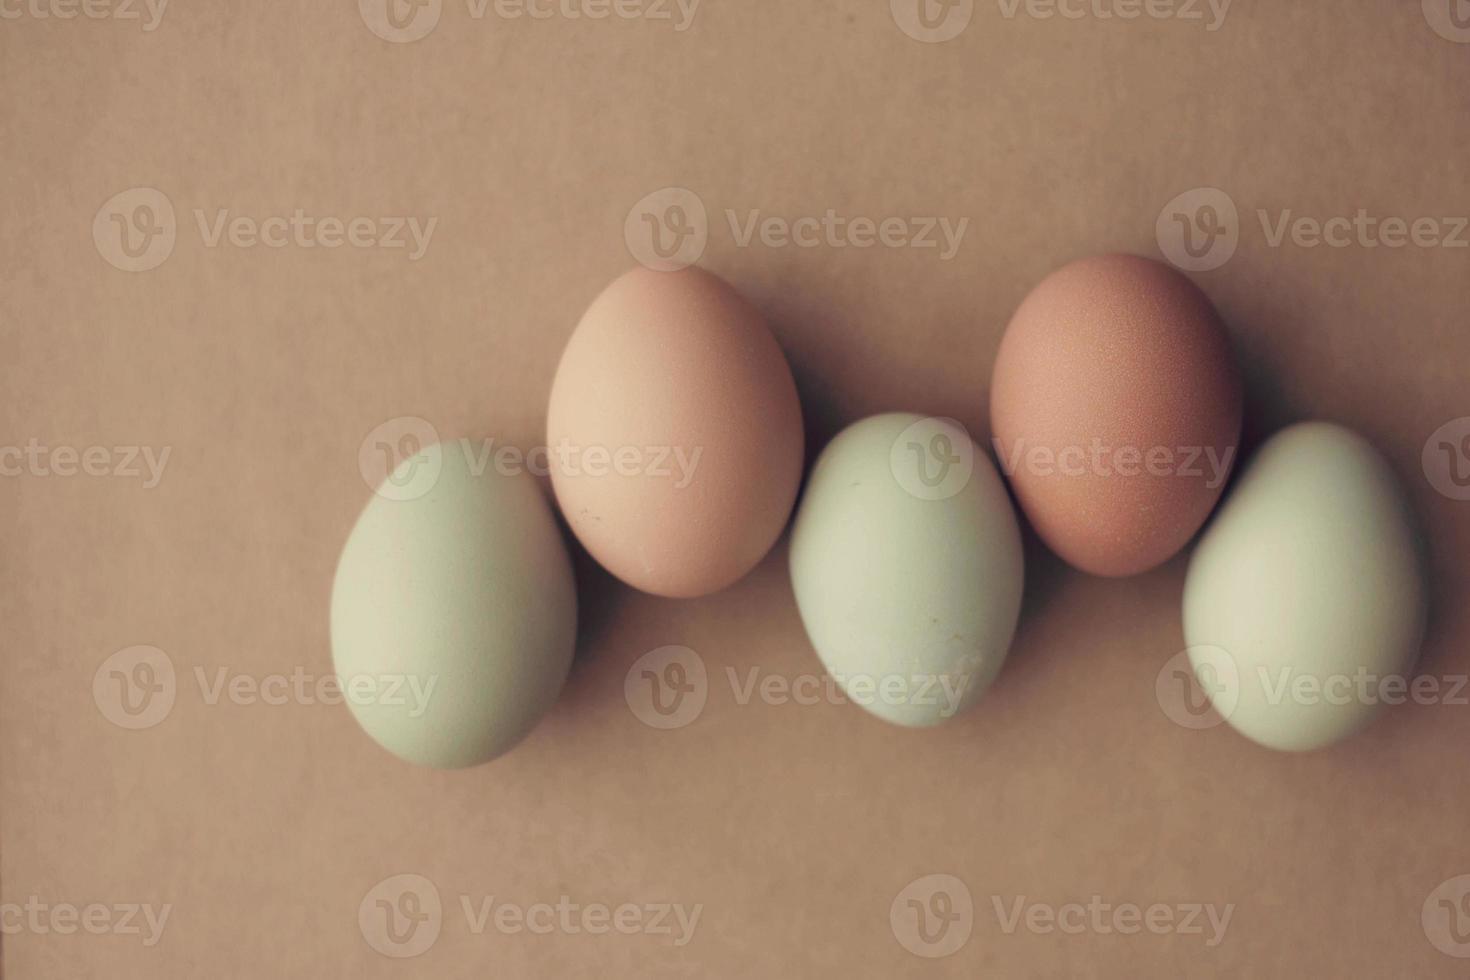 Reihe von frischen Eiern der grünen und braunen Farm foto